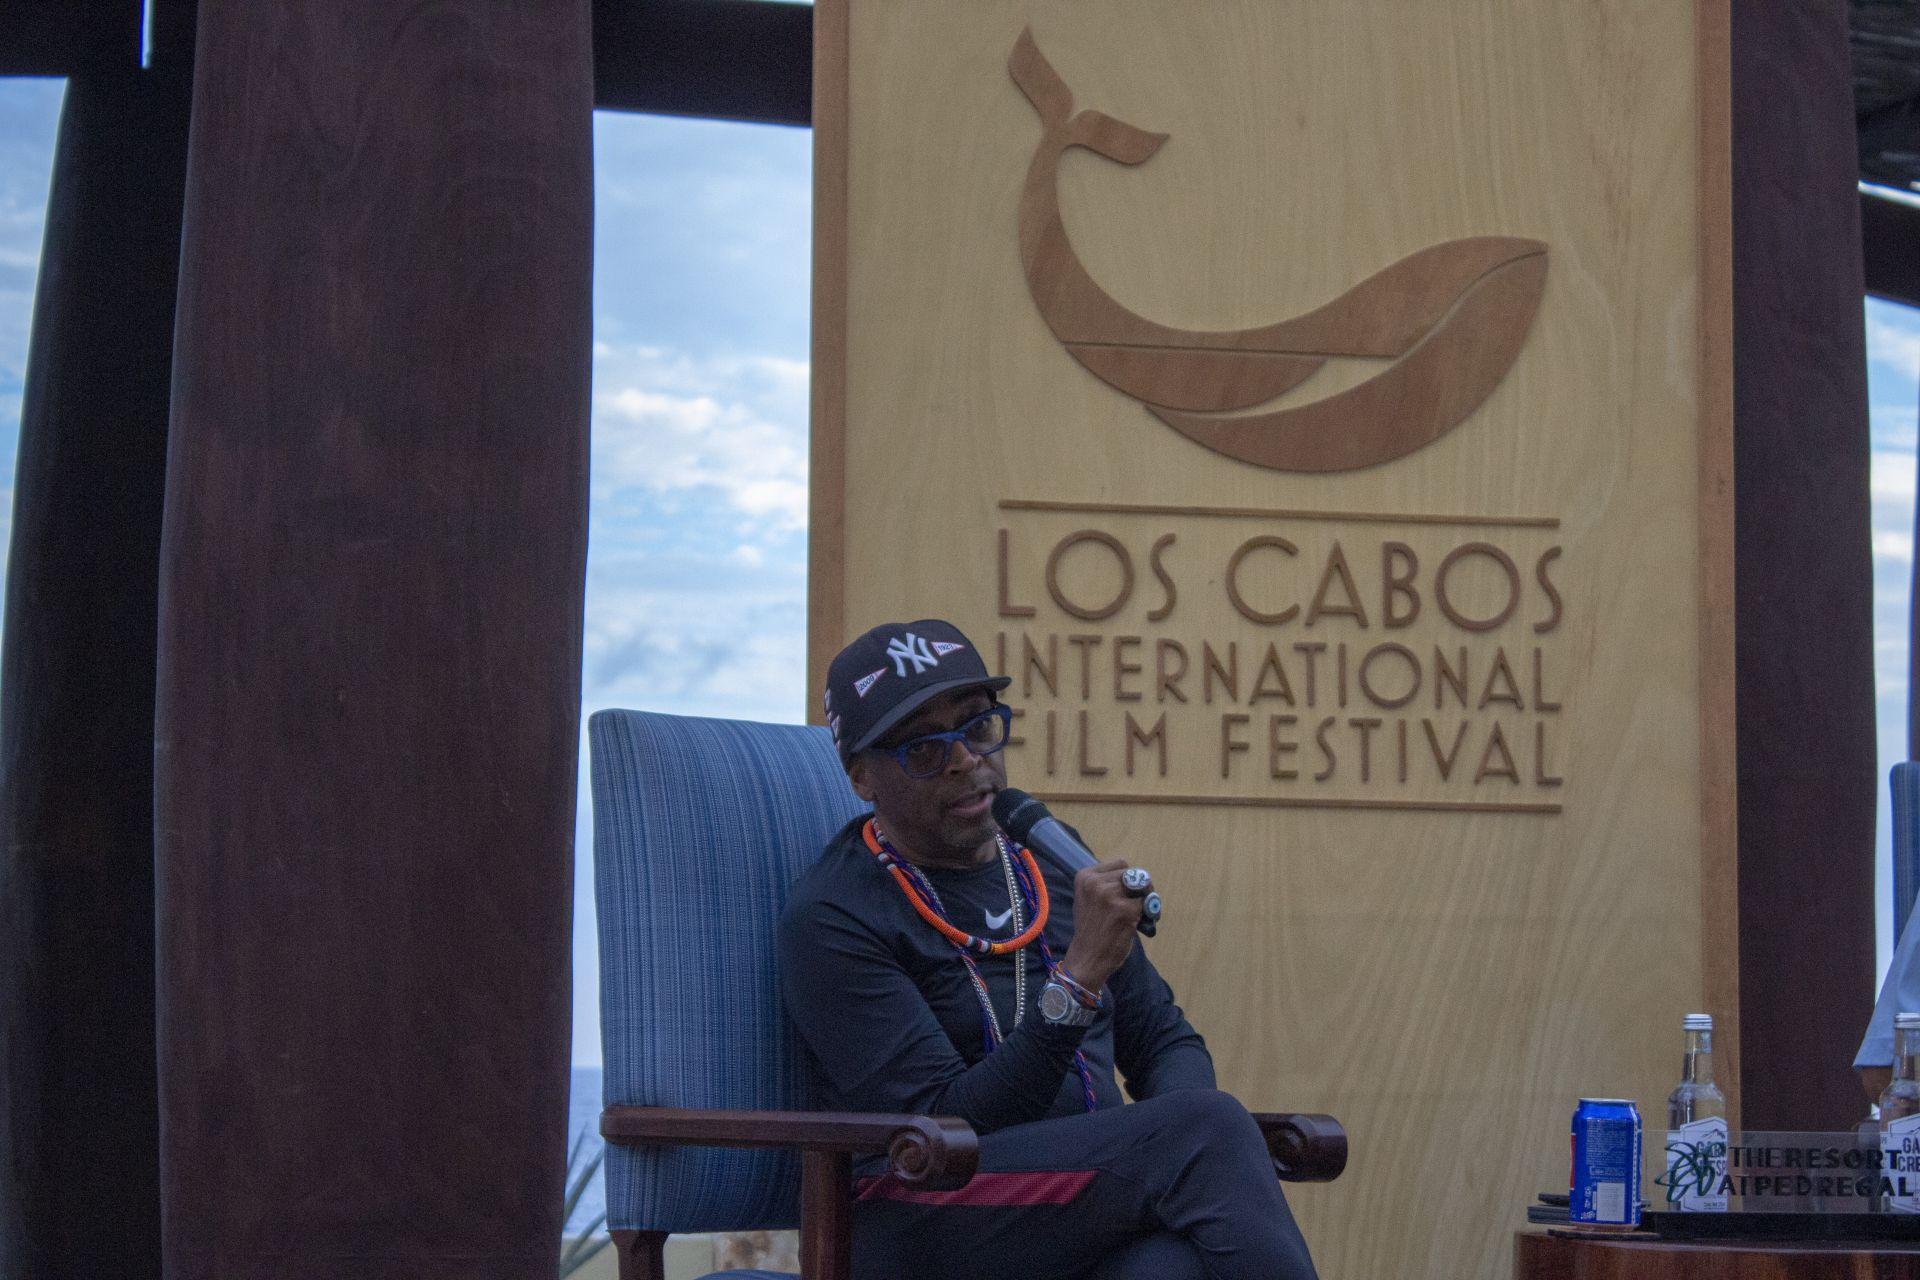 Los_Cabos_Film_Festival_60